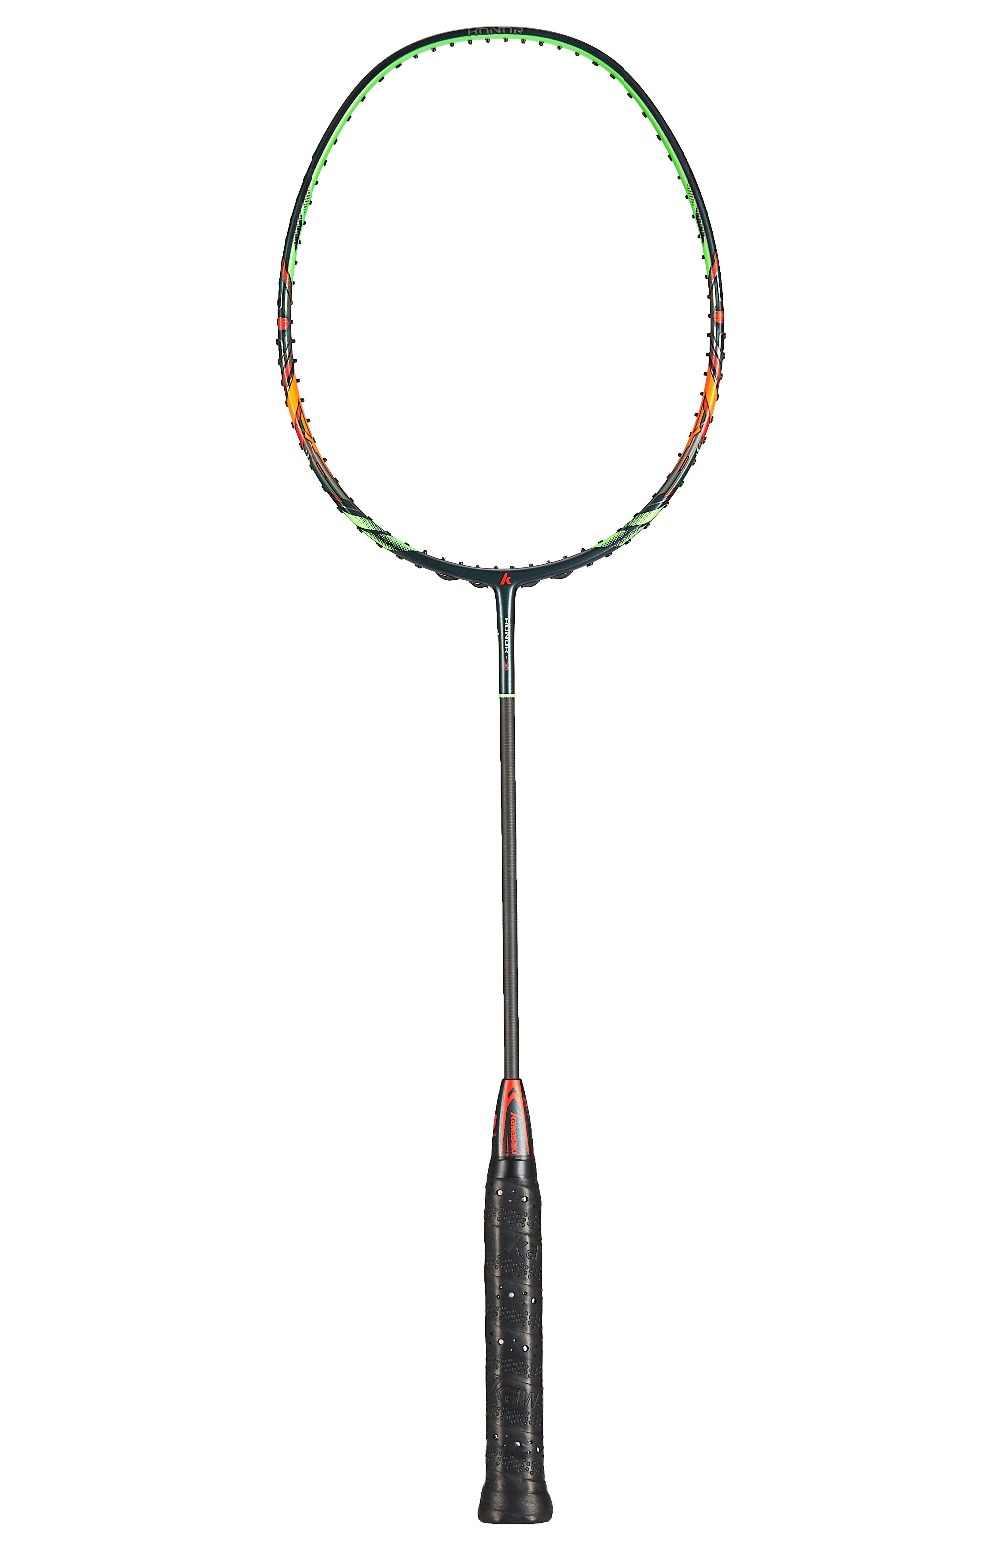 2019 Kawasaki 4U Angriff Typ Badminton Schläger EHRE S6 30T Carbon Faser Box Rahmen Schläger Für Amateur Zwischen Spieler